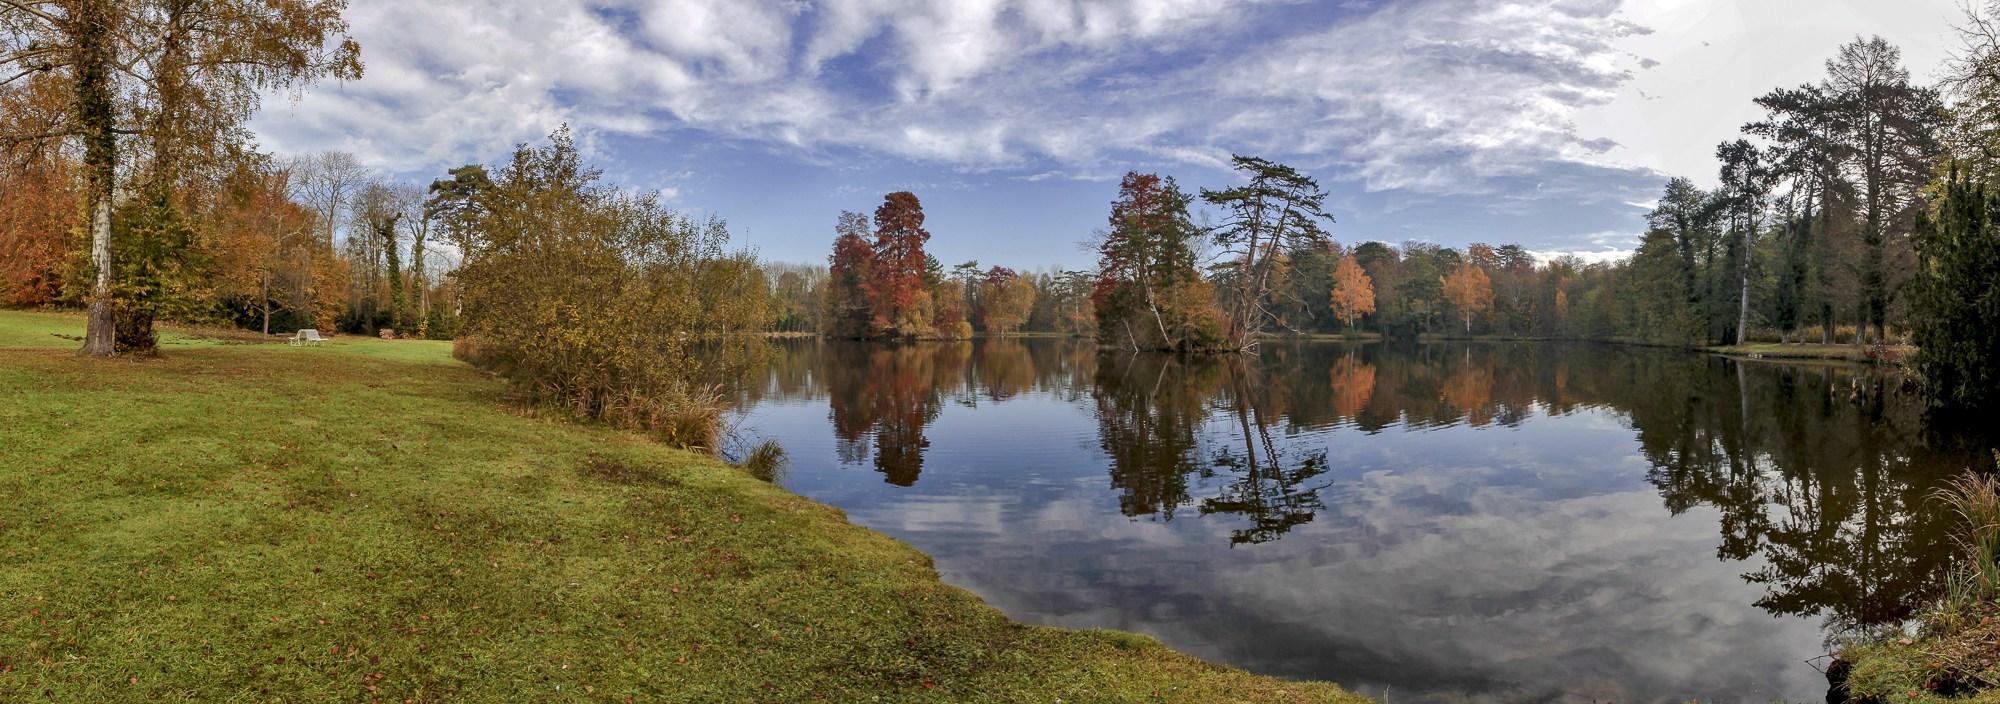 Vue panoramique du lac à l'automne